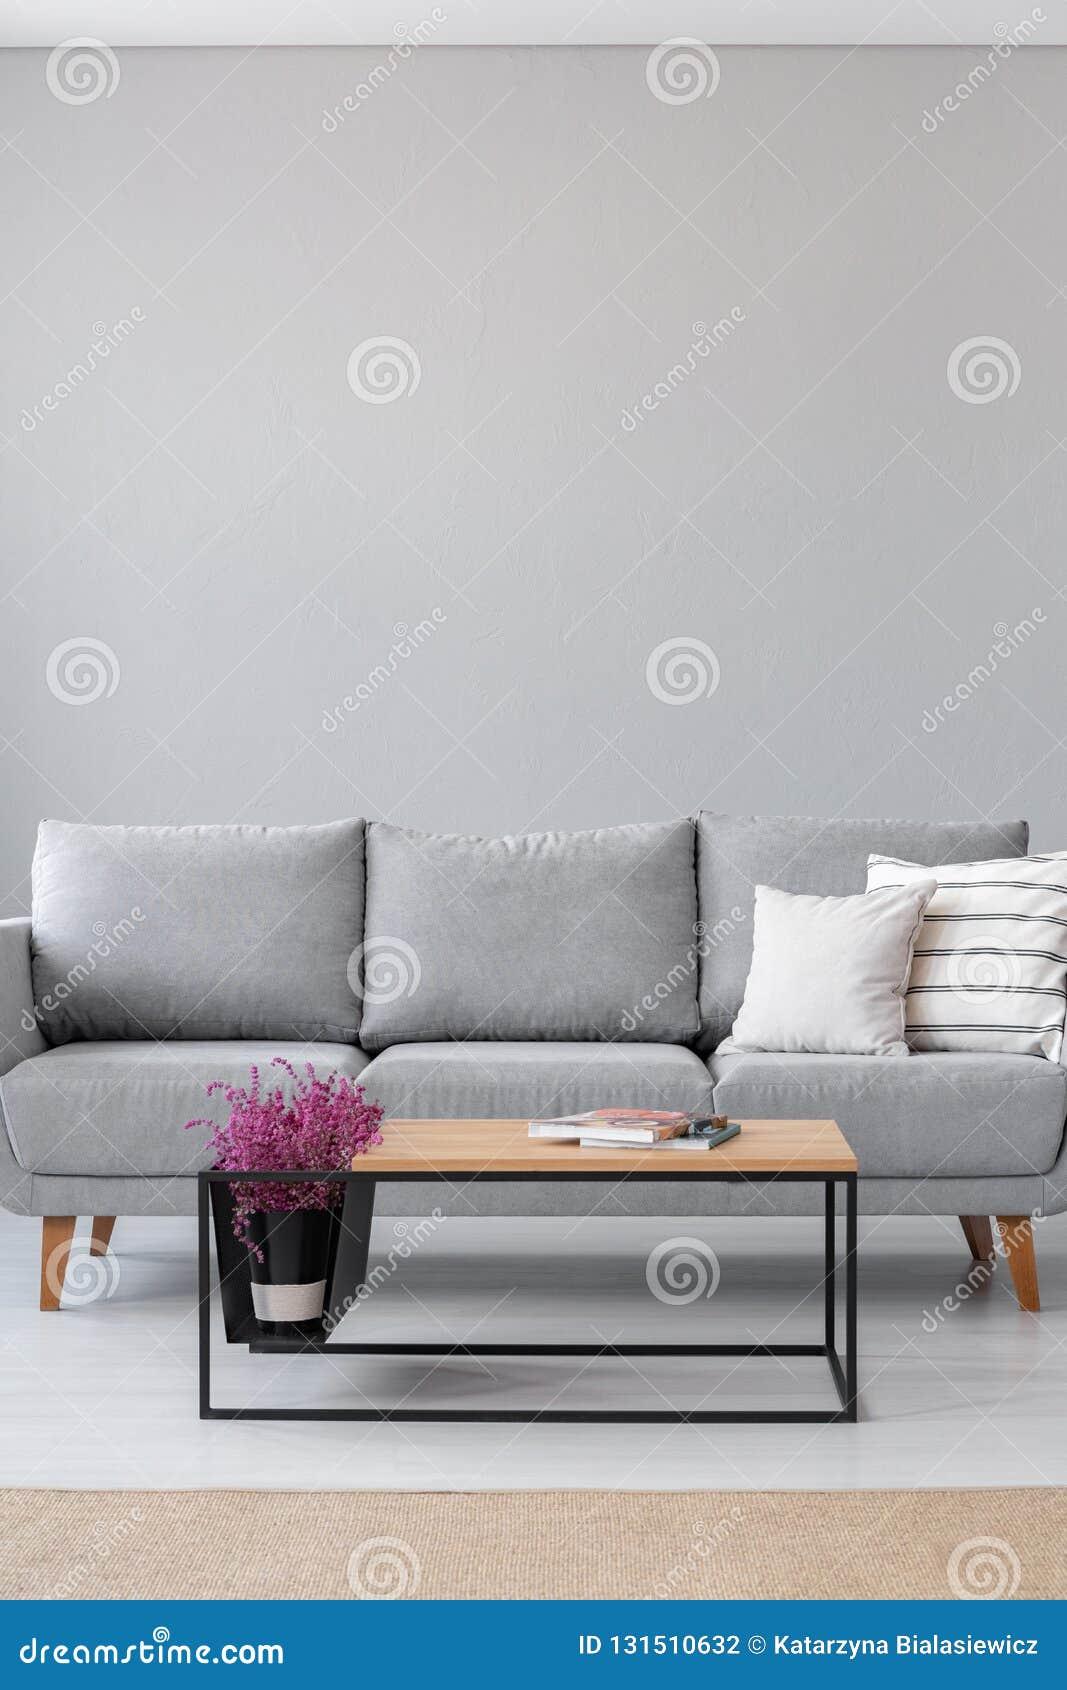 Stilfull träkaffetabell med tidskrifter och ljung bredvid den gråa soffan med vita kuddar